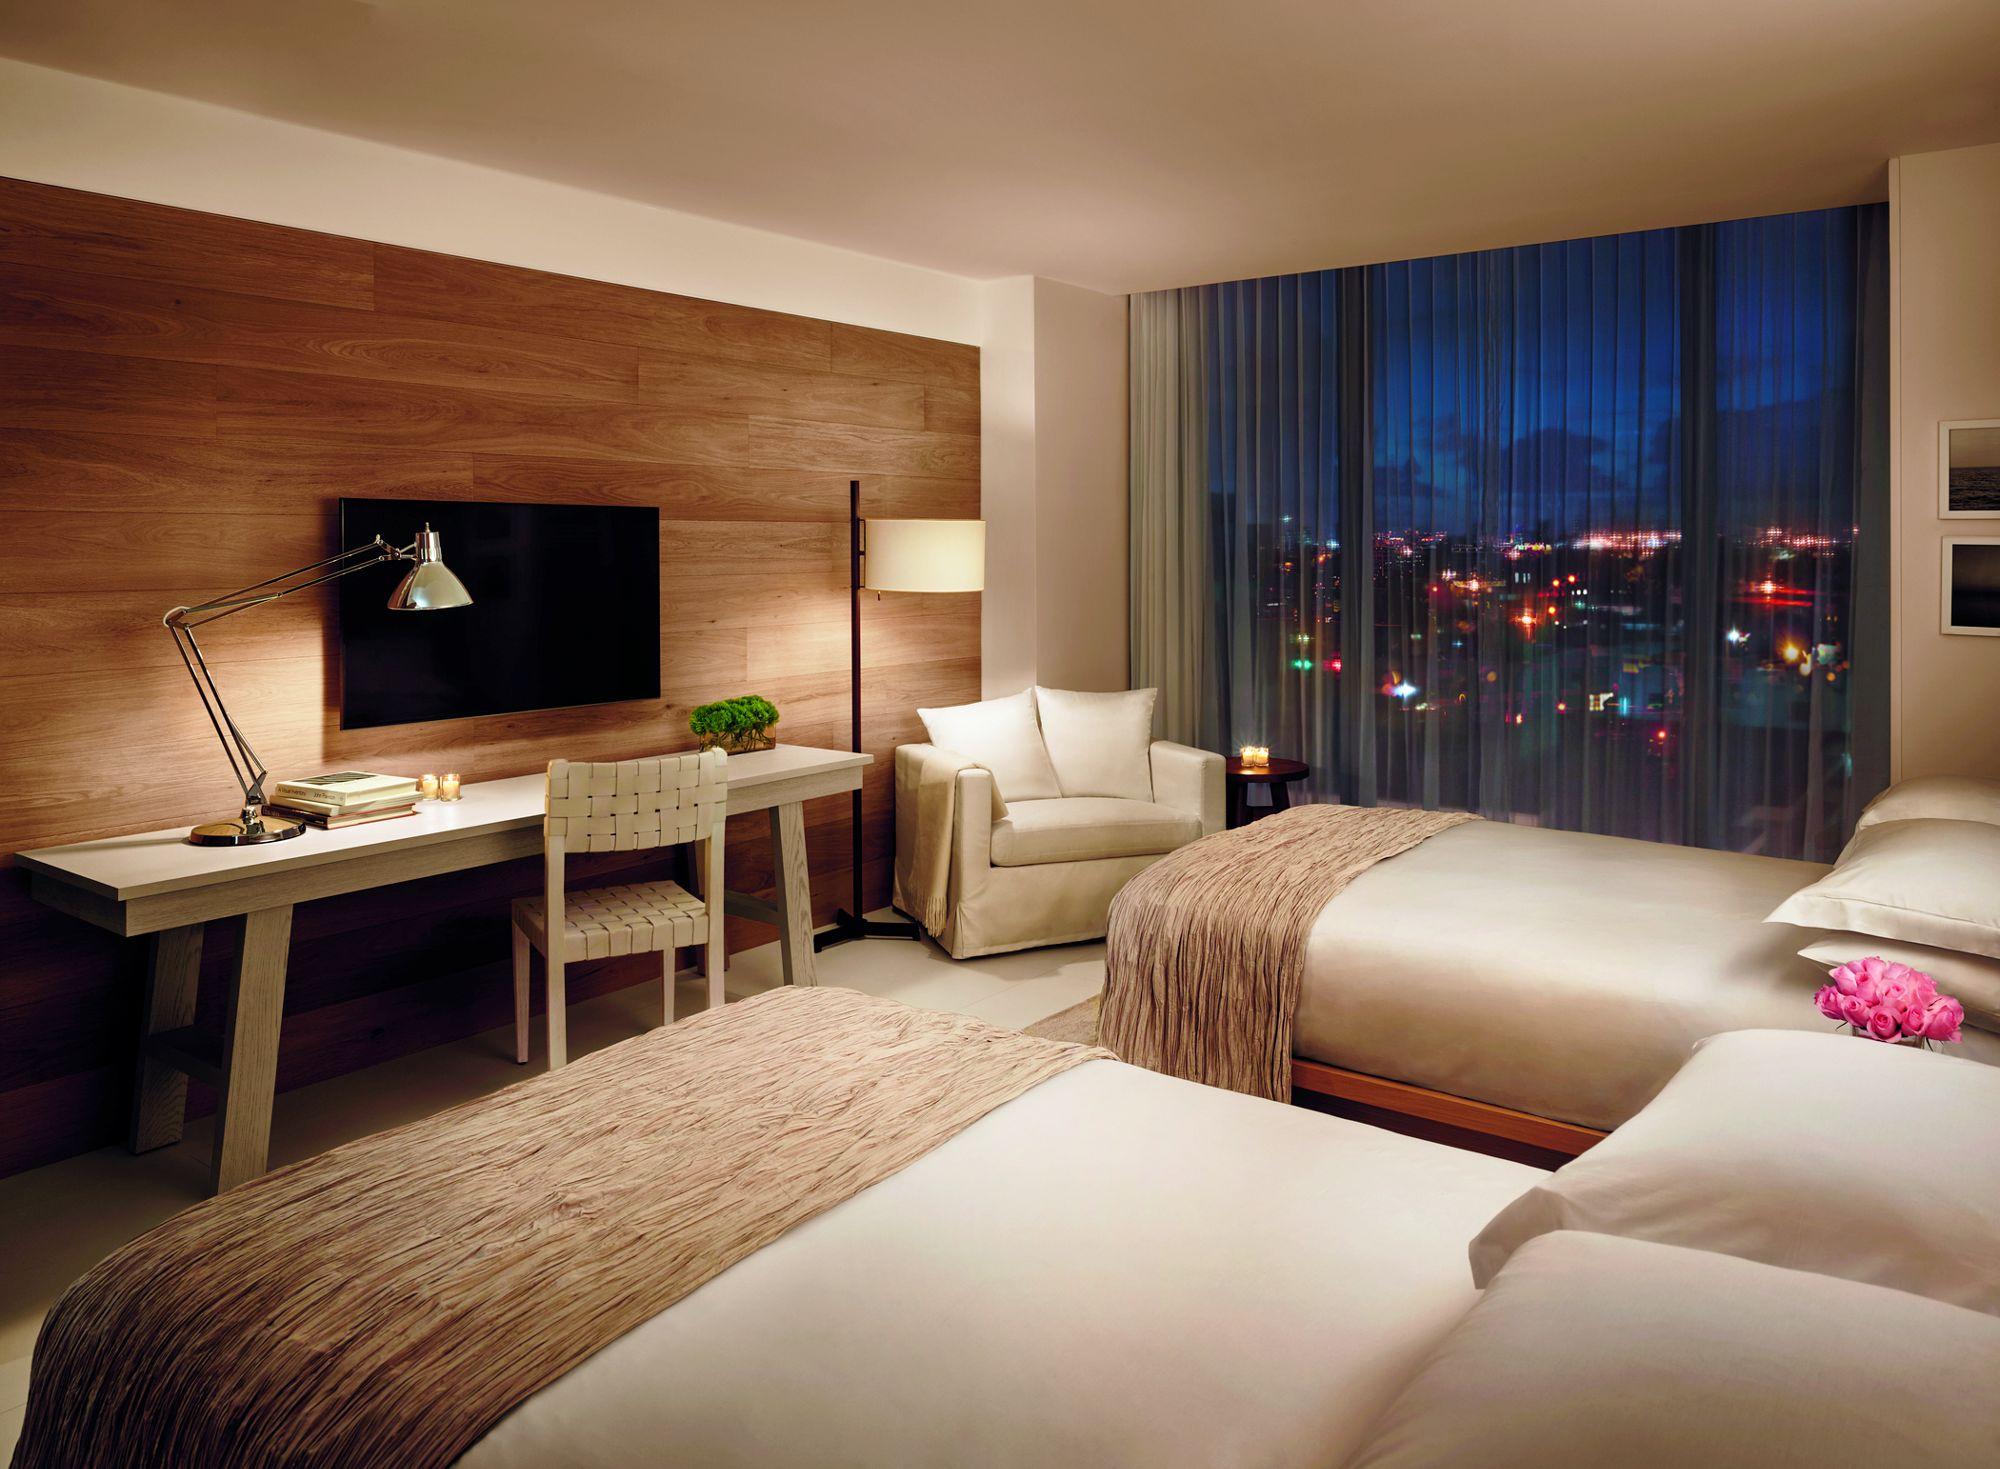 City View Room in Miami | The Miami Beach EDITION